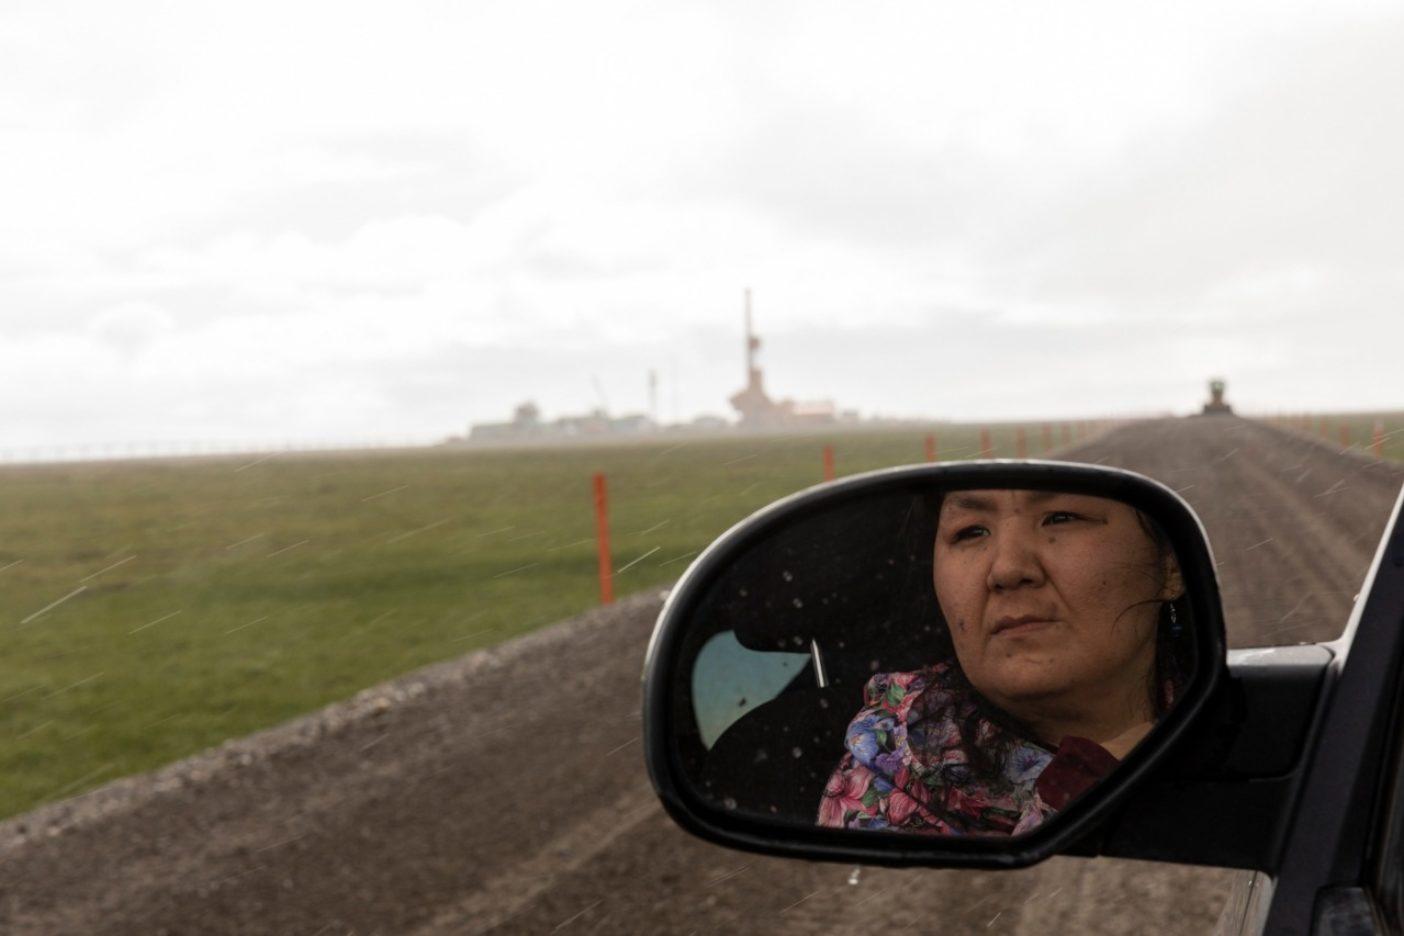 コノコフィリップス社のグレーター・ムースズ・トゥース・ユニットまでの砂利道の脇でカリブーを探すヌイクスト先住民の村の行政官のマーサ・イッタ。イッタは石油とガス開発に反対し、それが村の人びとと動物に与える影響について、意見しつづけている。Photo:Keri Oberly